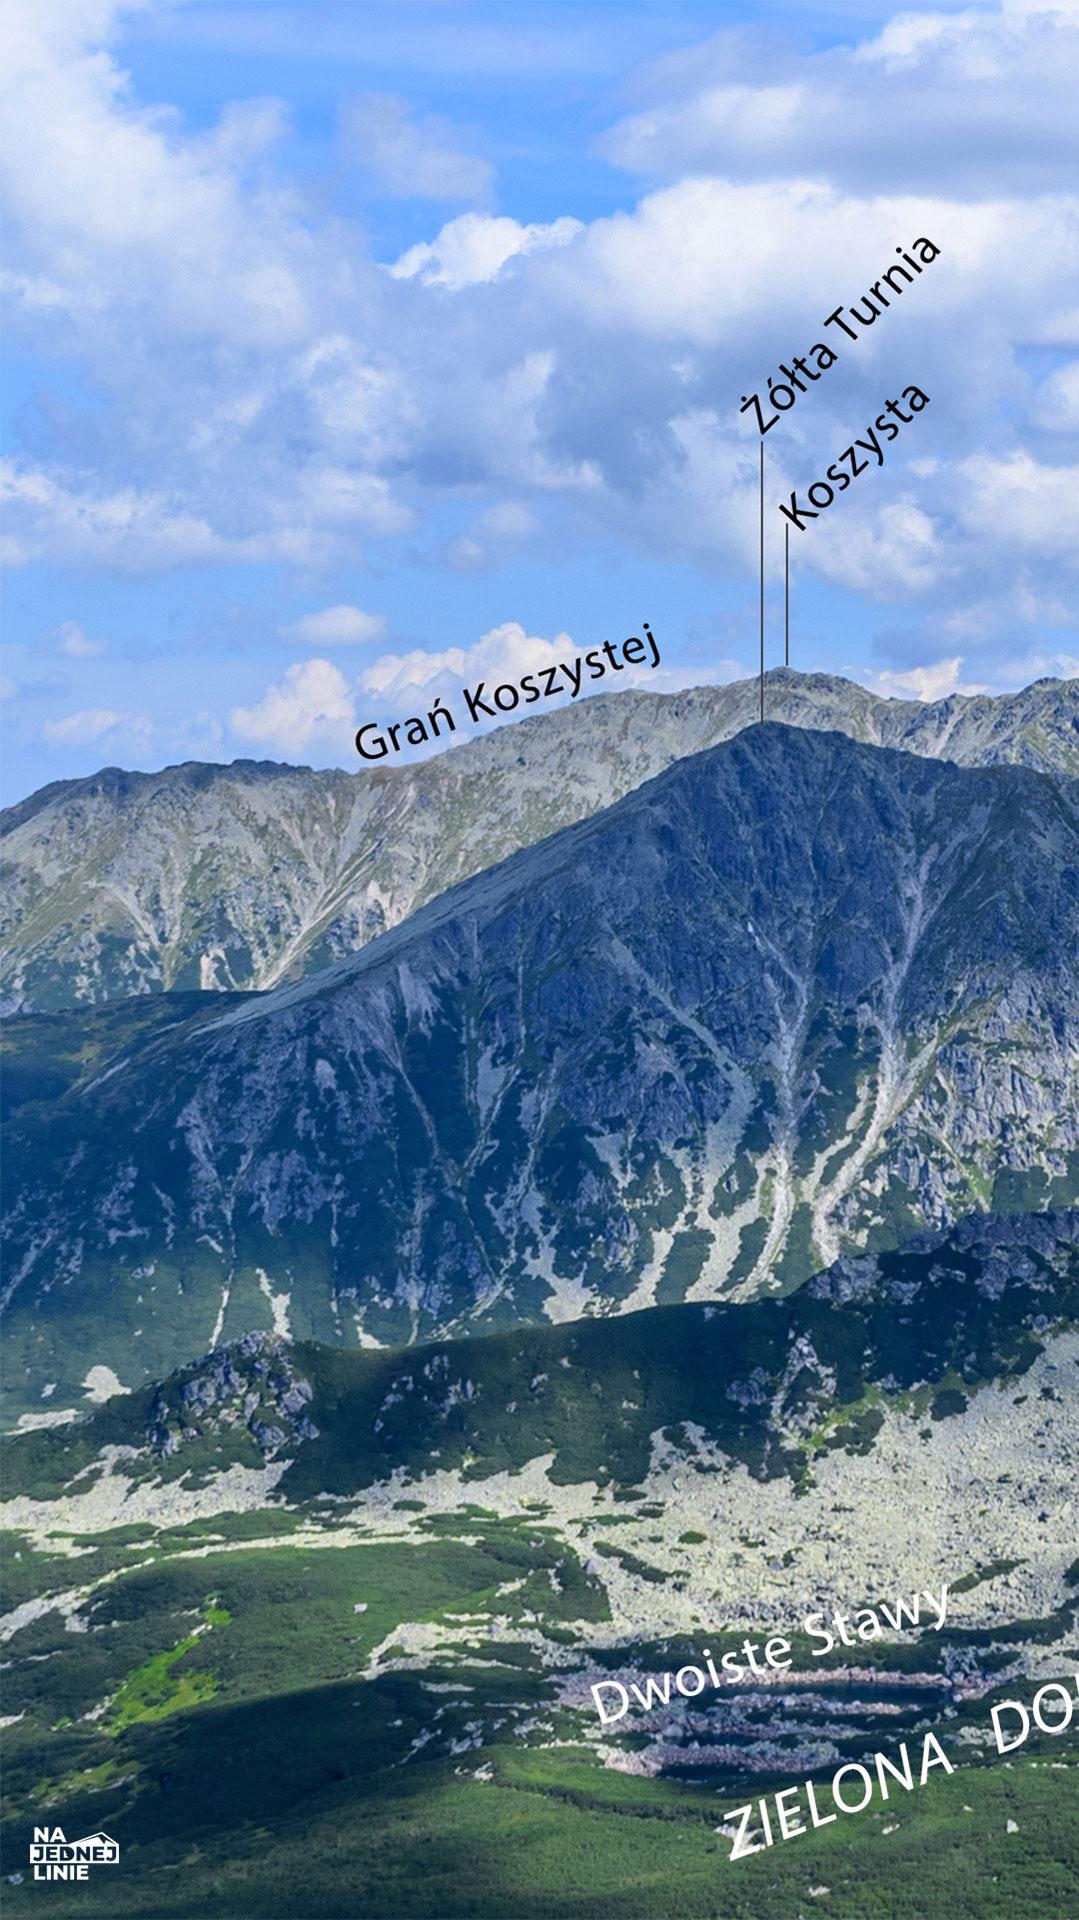 Panorama z Kasprowego Weirchu. Widok na Grań Koszystej i Zieloną Dolinę Gasienicową